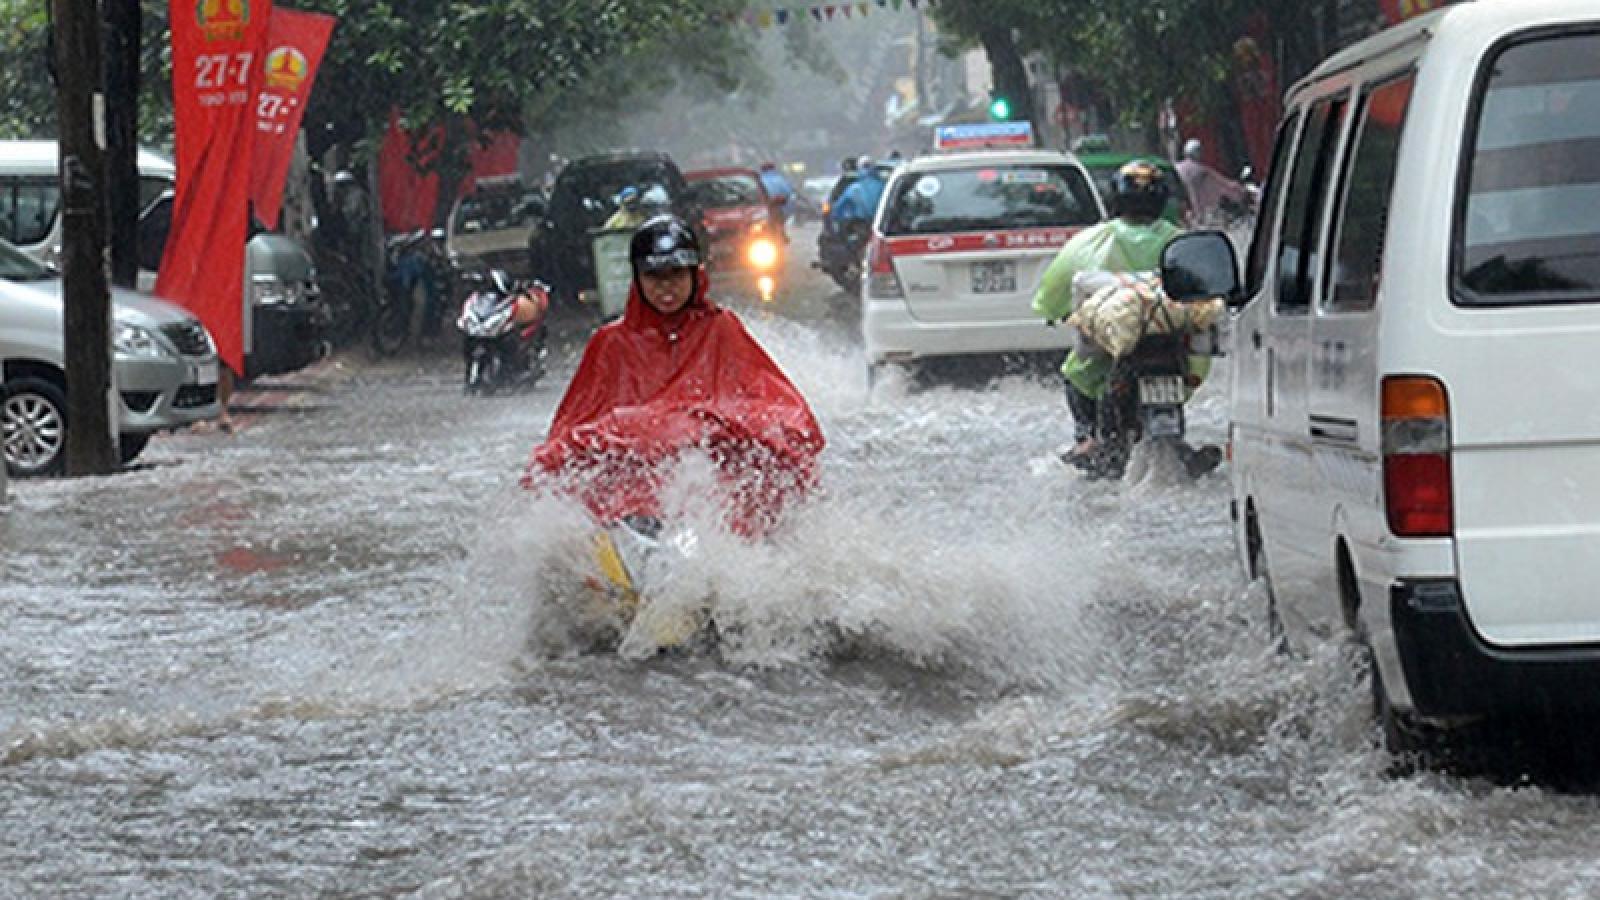 Thời tiết ngày 26/4: Cảnh báo mưa dông lớn tại Hà Nội và nhiều tỉnh ở Bắc Bộ